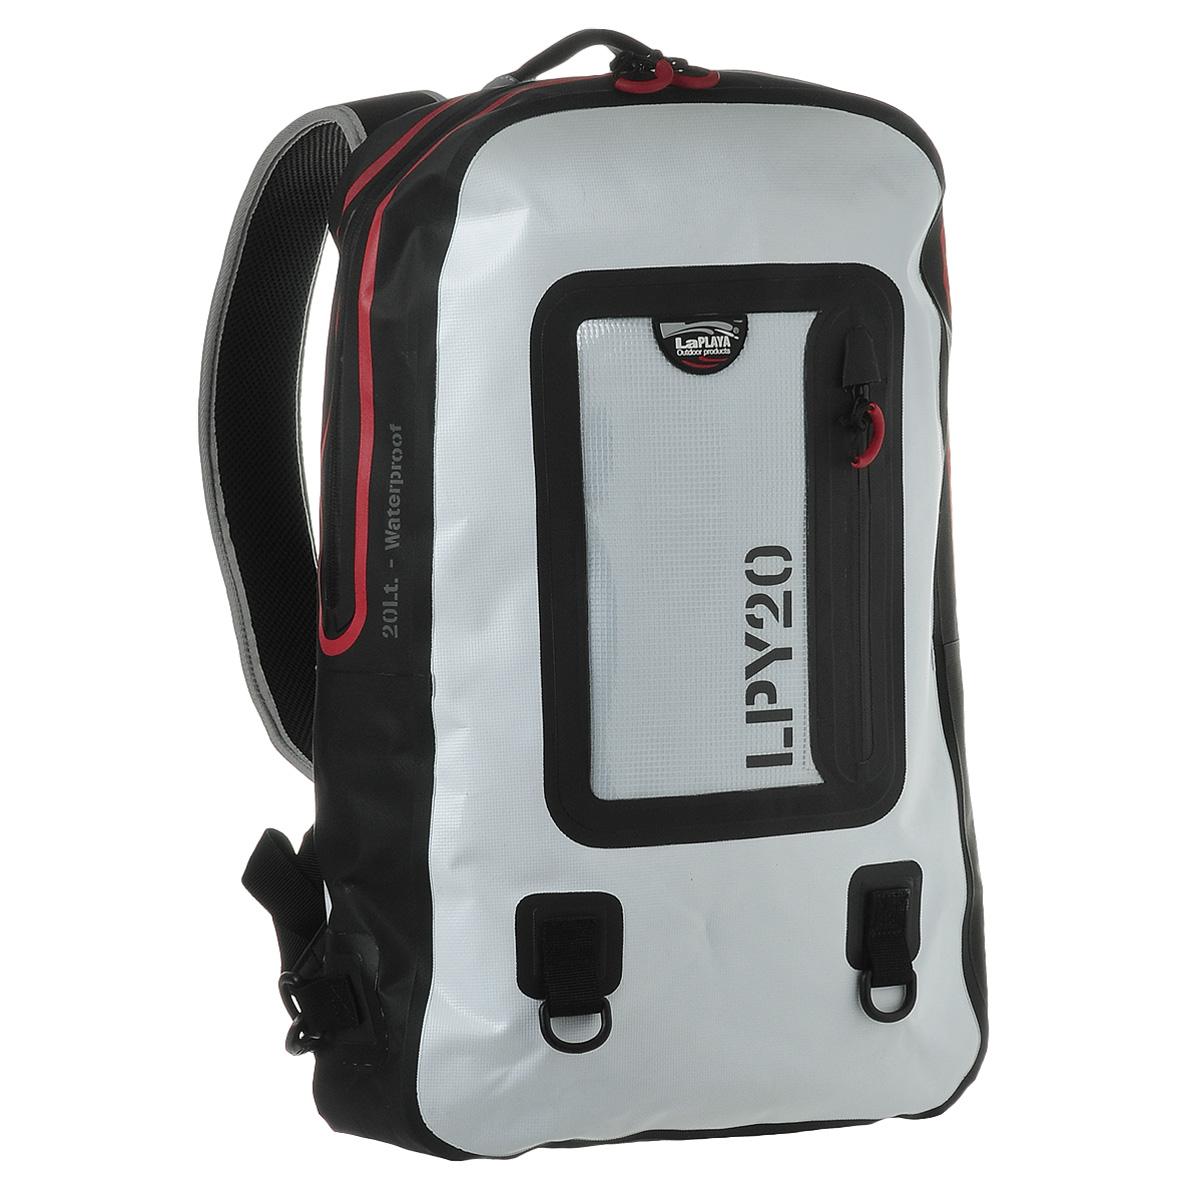 Рюкзак водонепроницаемый LaPlaya, цвет: белый, 20 л67742Водонепроницаемый рюкзак LaPlaya - незаменимая вещь для любителей туристических походов, кемпингов и отдыха на природе. Рюкзак выполнен из ПВХ (брезент + сетка). Метод термосварки швов обеспечивает 100% герметичность. Рюкзак закрывается на водонепроницаемую молнию, которая не позволит воде проникнуть внутрь. Внутри содержится съемное противоударное отделение для ноутбука или планшета с карманом на молнии на передней стенке, а также вшитый карман на молнии и 2 сетчатых кармашка. С лицевой стороны рюкзака расположен прозрачный карман, также с водонепроницаемой молнией, очень удобный для хранения документов, билетов и других бумаг. Рюкзак компактный, практичный и очень удобный, он снабжен мягкой спинкой, плечевыми ремнями регулируемой длины и дополнительными съемными креплениями. Также имеется два кольцами для крепления аксессуаров на карабинах. Такой рюкзак - просто находка для экстремалов и любителей проводить много времени на открытом воздухе. LaPlaya DRY BAG -это функциональный и минималистичный дизайн, прочный материал и высокое качество технологии производства. Это все, что необходимо для выбора идеального партнера в вопросе экипировки для активного отдыха, открытых спортивных мероприятий и настоящих приключений, не зависящих от погодных условий.